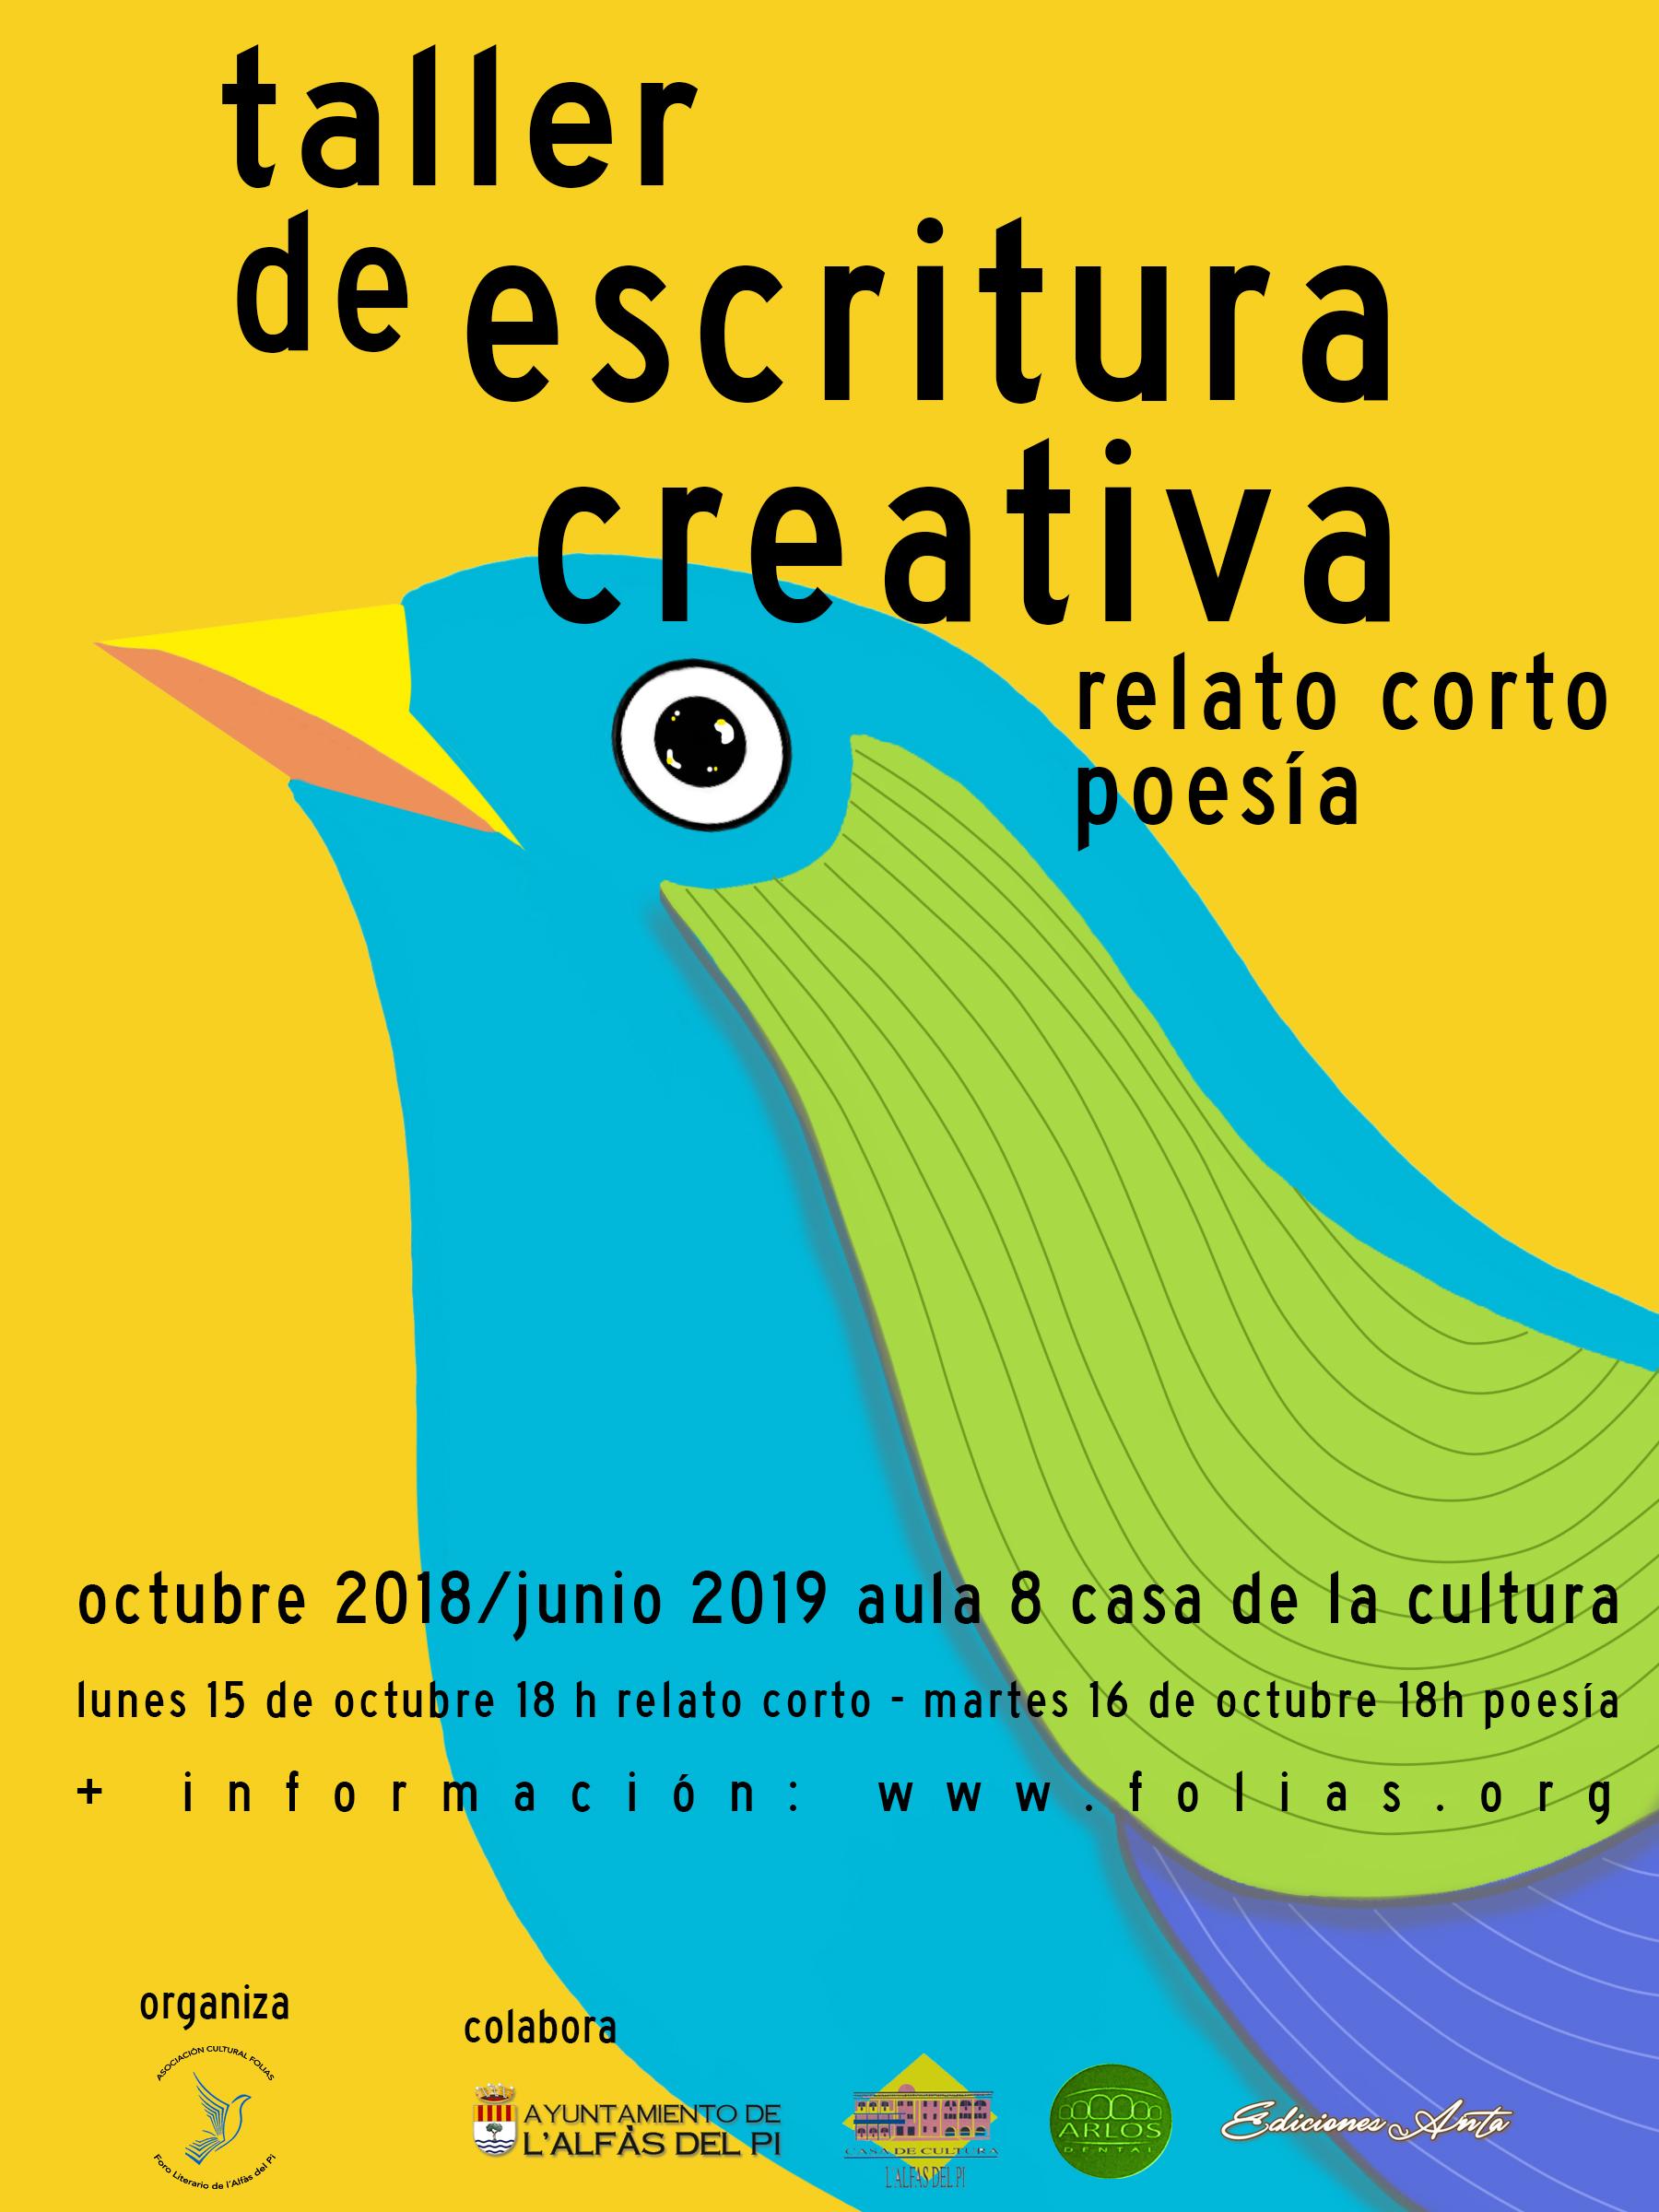 Este mes arrancan los talleres creativos que organizan la concejalía de Cultura y FOLIAS